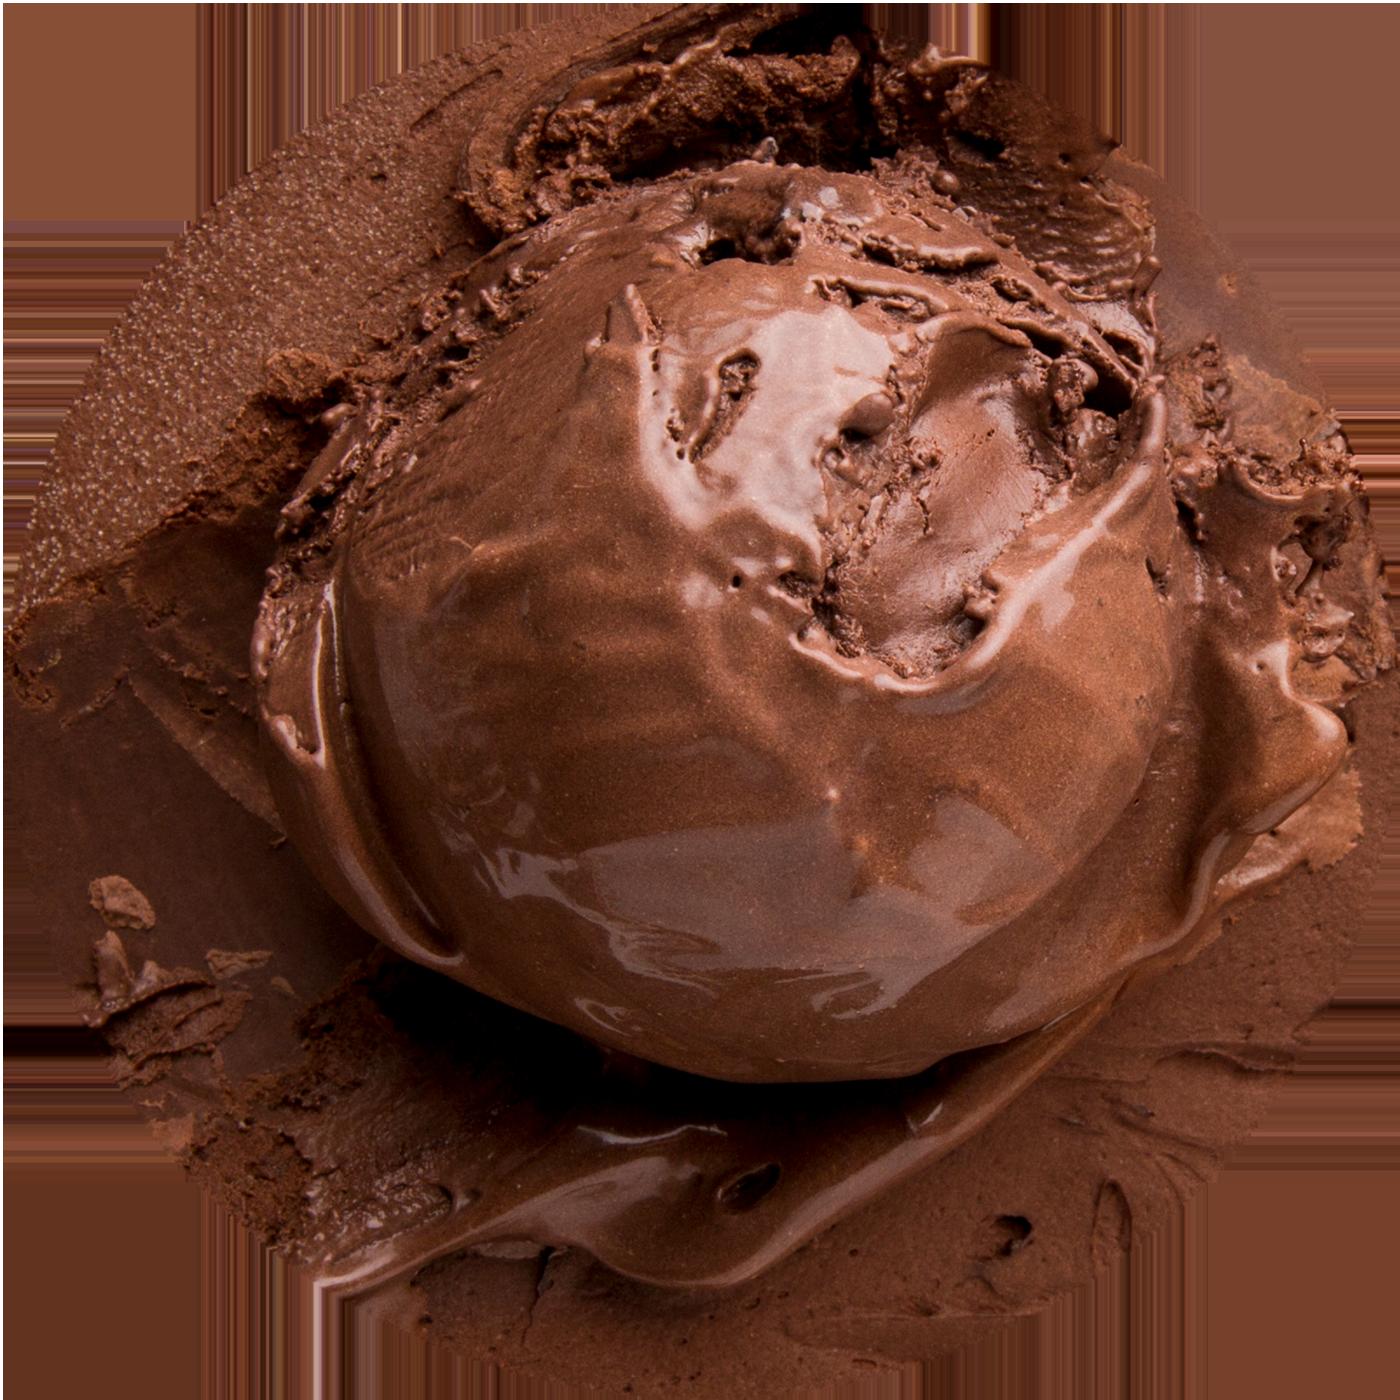 DAIRY-FREE DARK CHOCOLATE